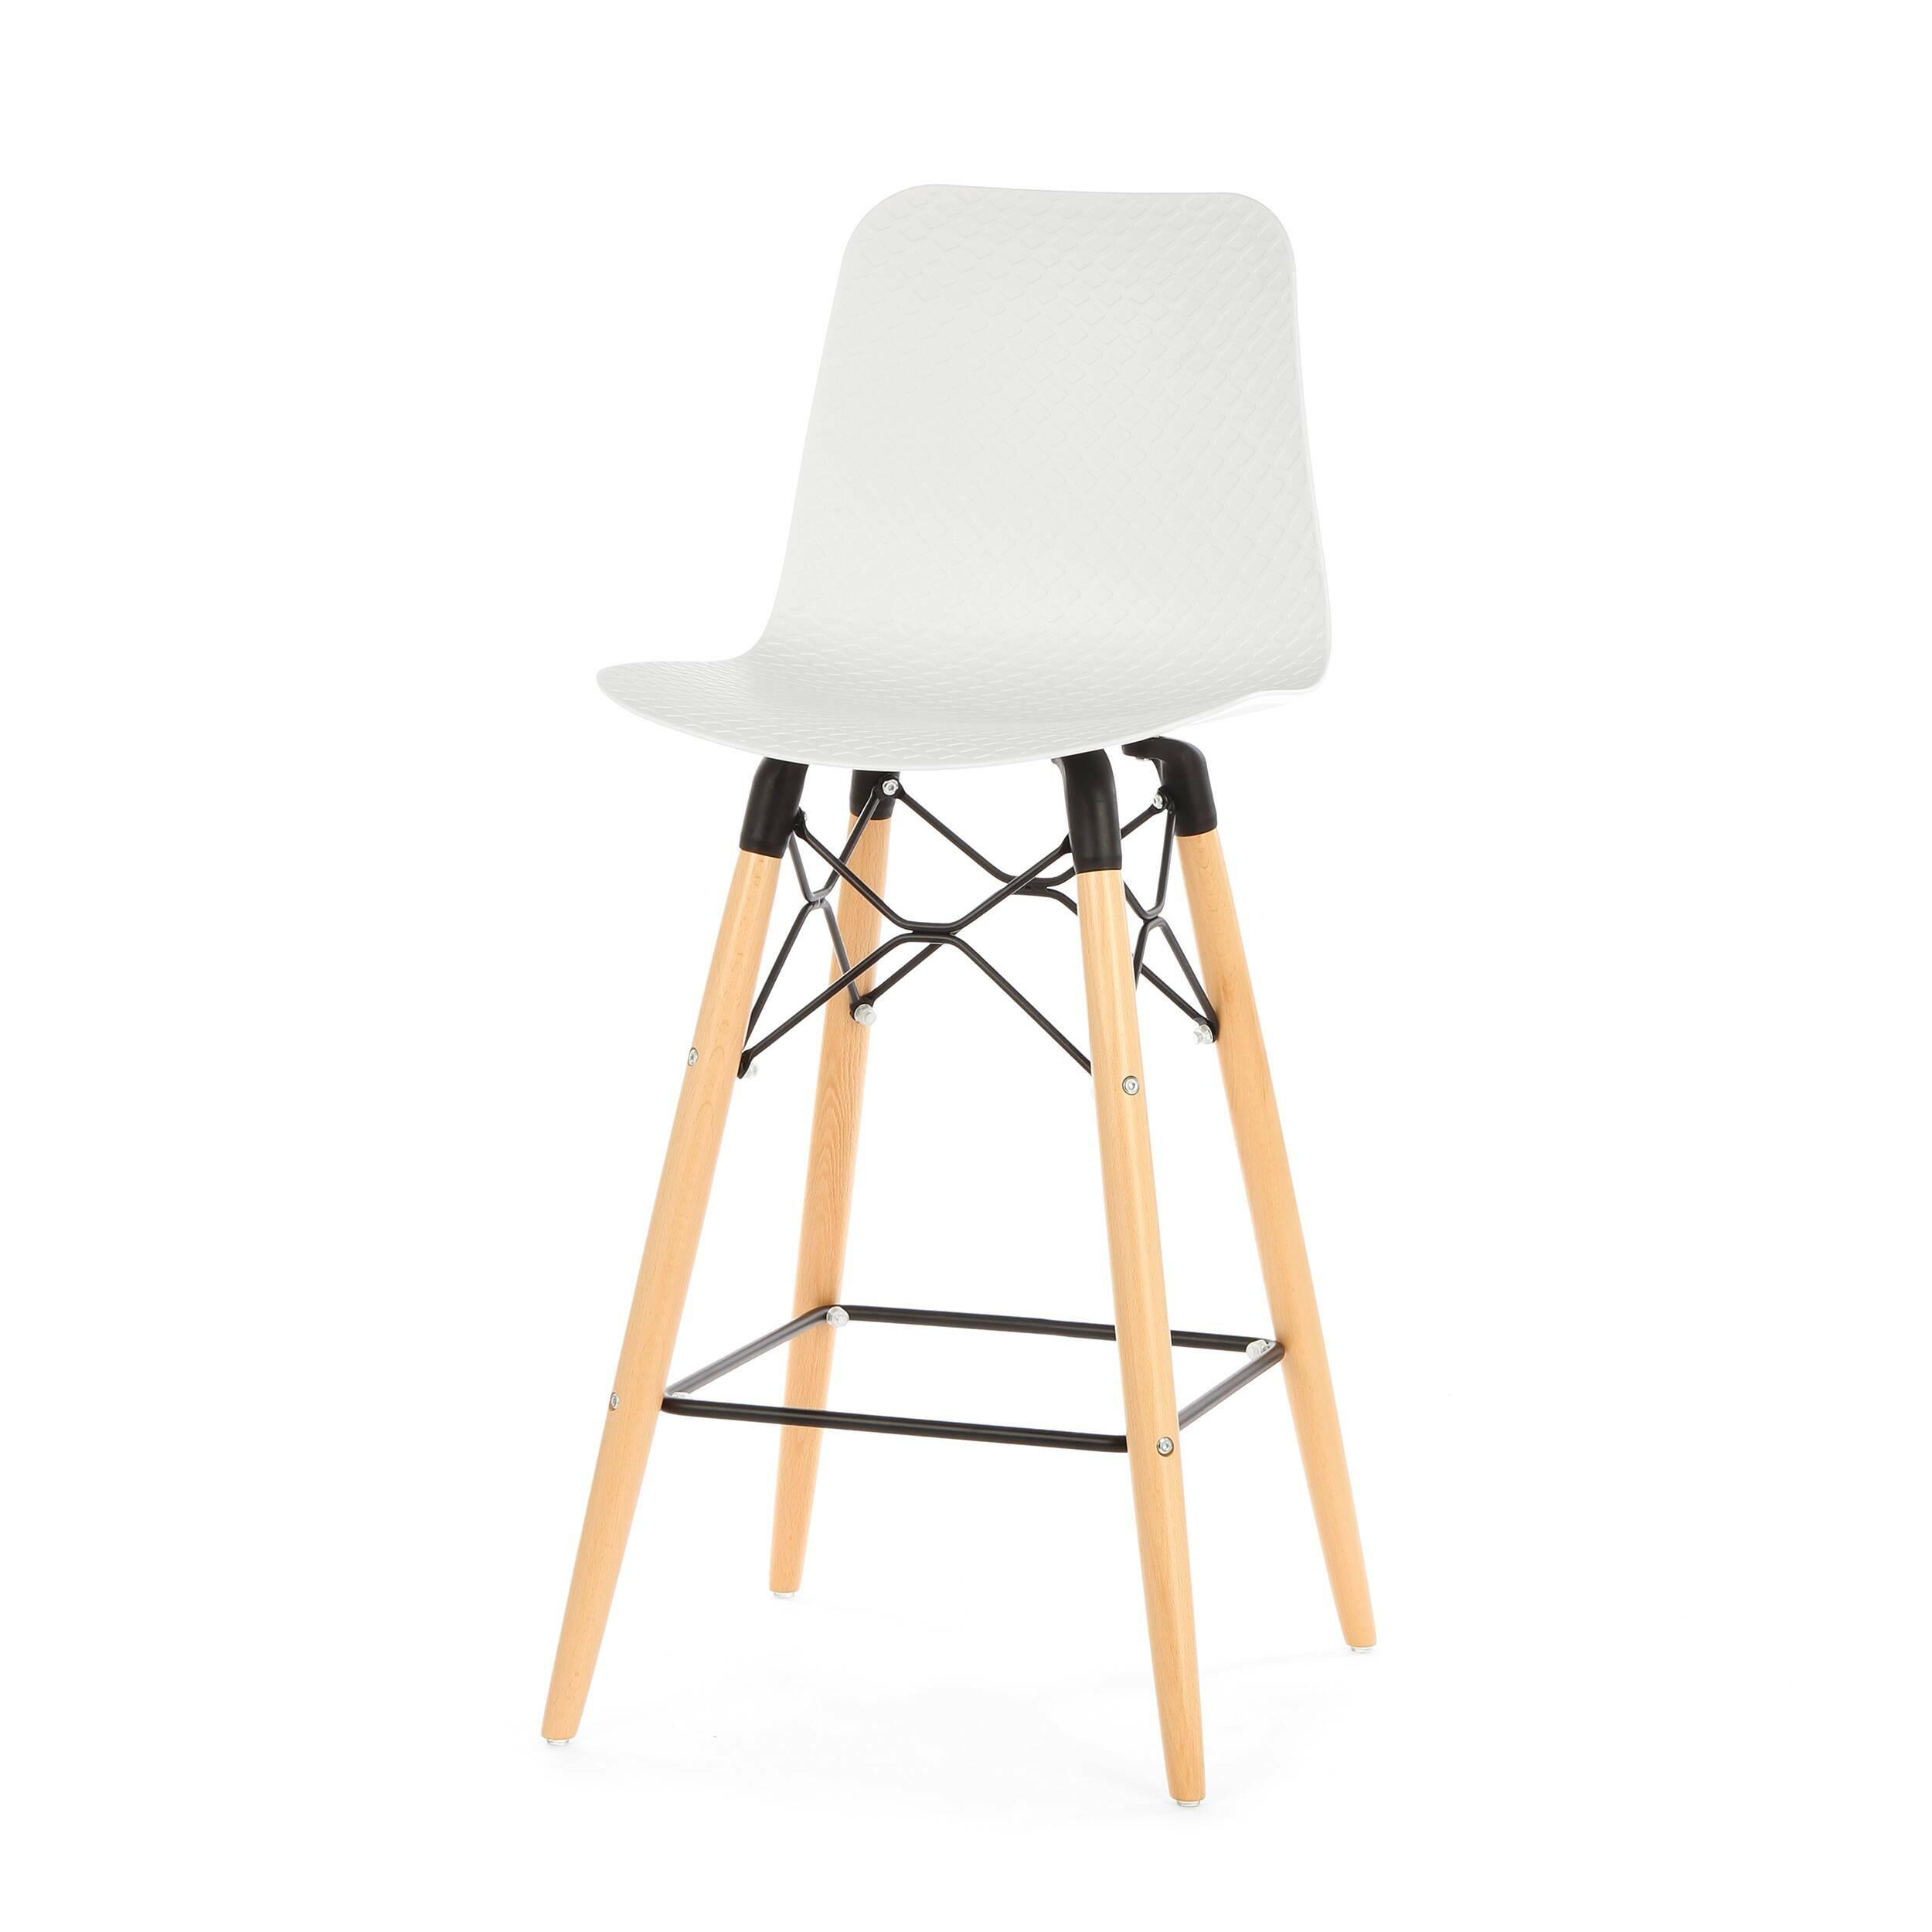 Полубарный стул EiffelПолубарные<br>Полубарный стул Eiffel — это инновационная модель, которая стала результатом гармоничного смешения разных стилей. Наиболее ярко в дизайне данной модели прослеживается стиль хай-тек — стильные черный и белый цвета, плавные изгибы, минимальное количество деталей и необыкновенно красивый внешний вид.<br><br><br> Хай-тек проявляет себя в данном стуле и в качестве материалов, которые используются для его создания. Спинка и сиденье сделаны из полипропилена — очень легкого, но прочного материала. Эта ...<br><br>stock: 0<br>Высота: 103.5<br>Высота сиденья: 68<br>Ширина: 47<br>Глубина: 47.5<br>Цвет ножек: Светло-коричневый<br>Материал ножек: Массив бука<br>Тип материала каркаса: Сталь<br>Цвет сидения: Белый<br>Тип материала сидения: Полипропилен<br>Тип материала ножек: Дерево<br>Цвет каркаса: Черный